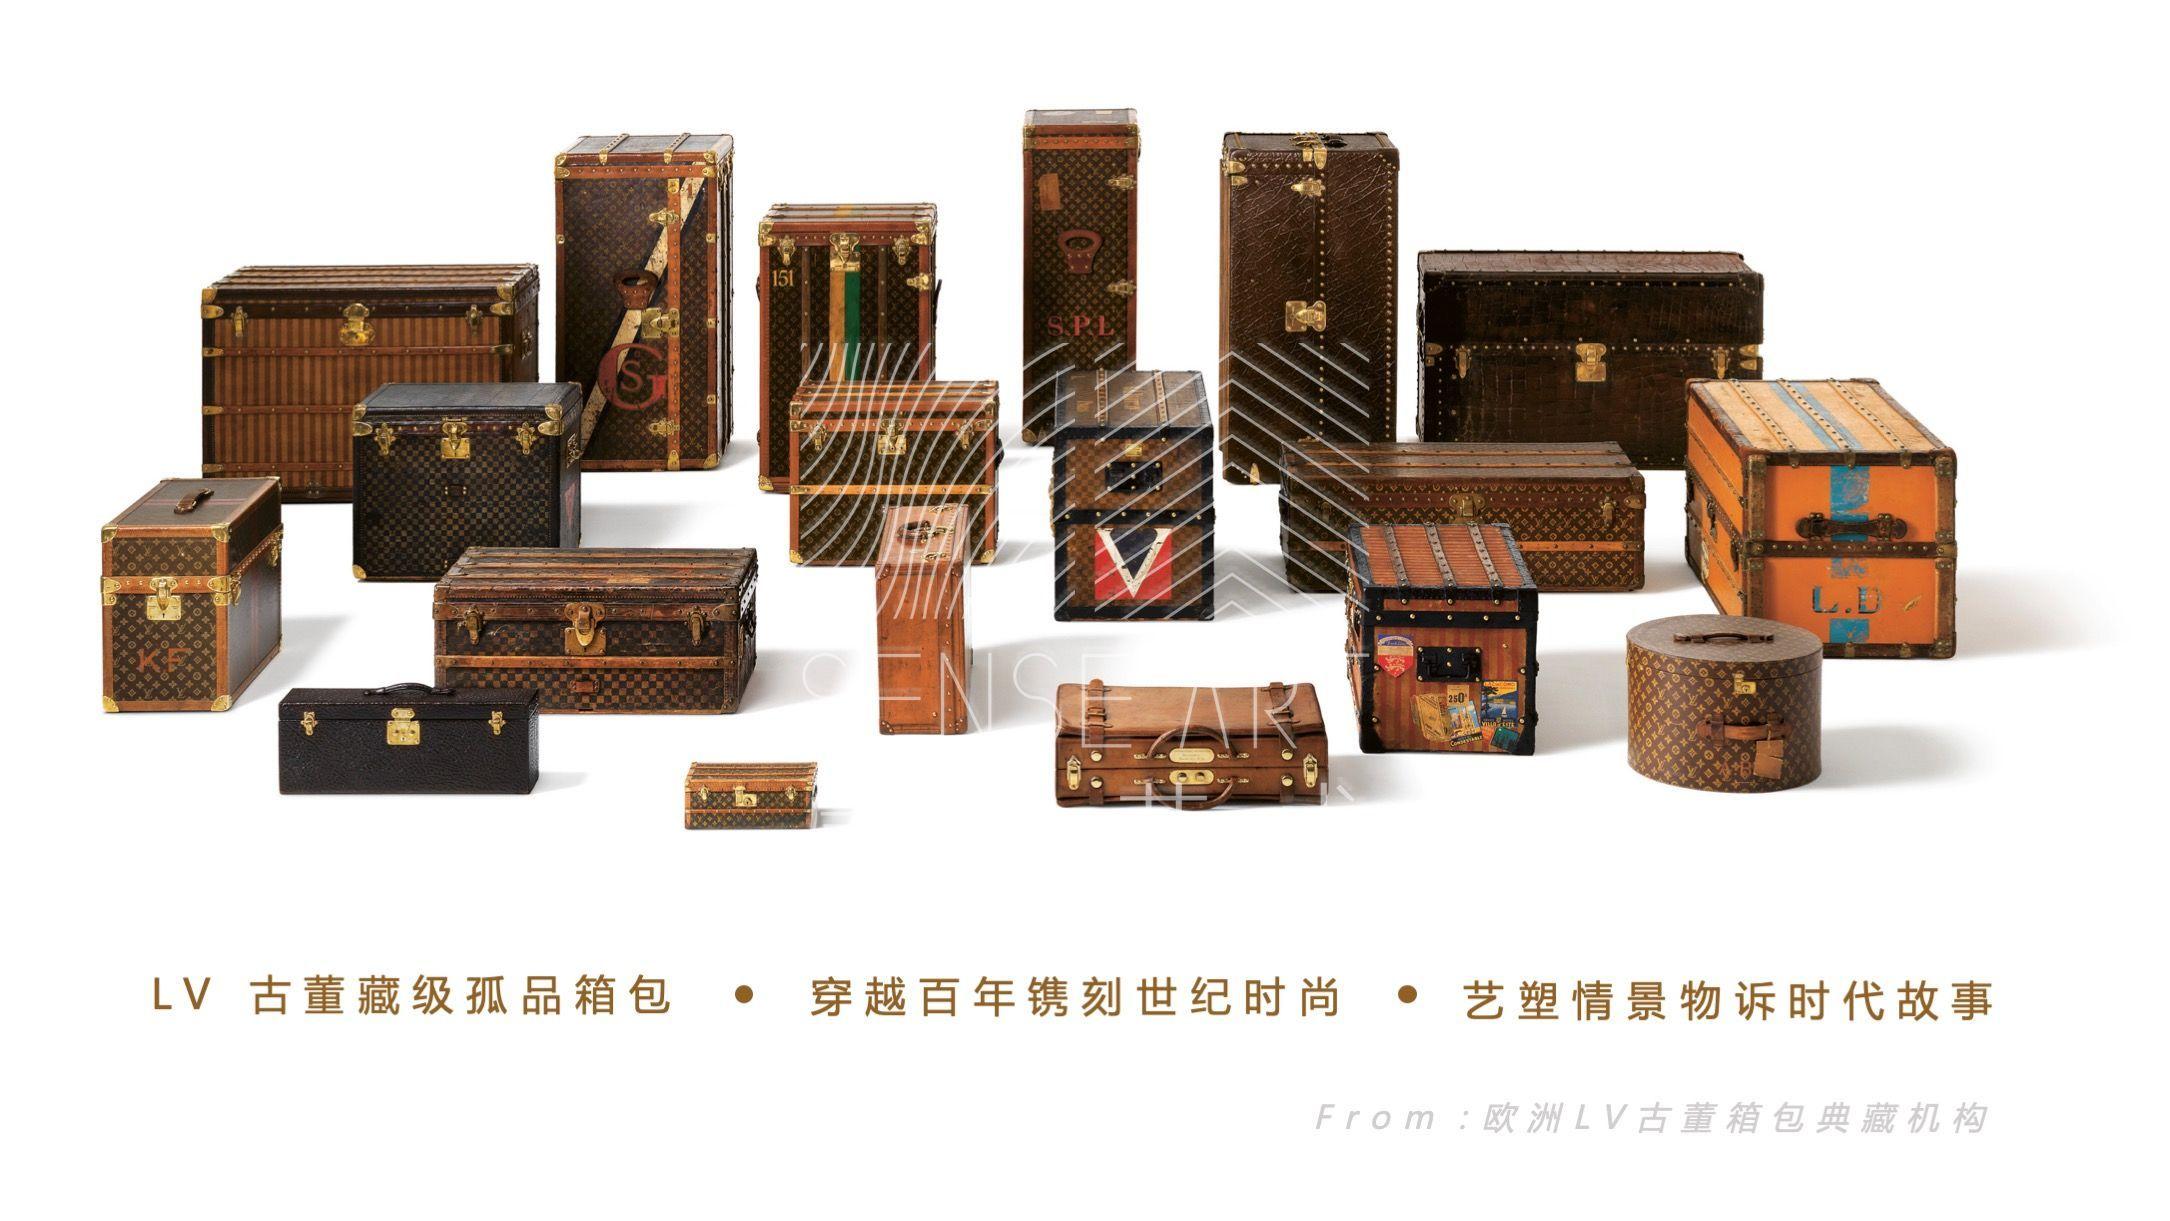 【时间旅行家】LV古董箱包臻品艺术收藏展—感映艺术出品